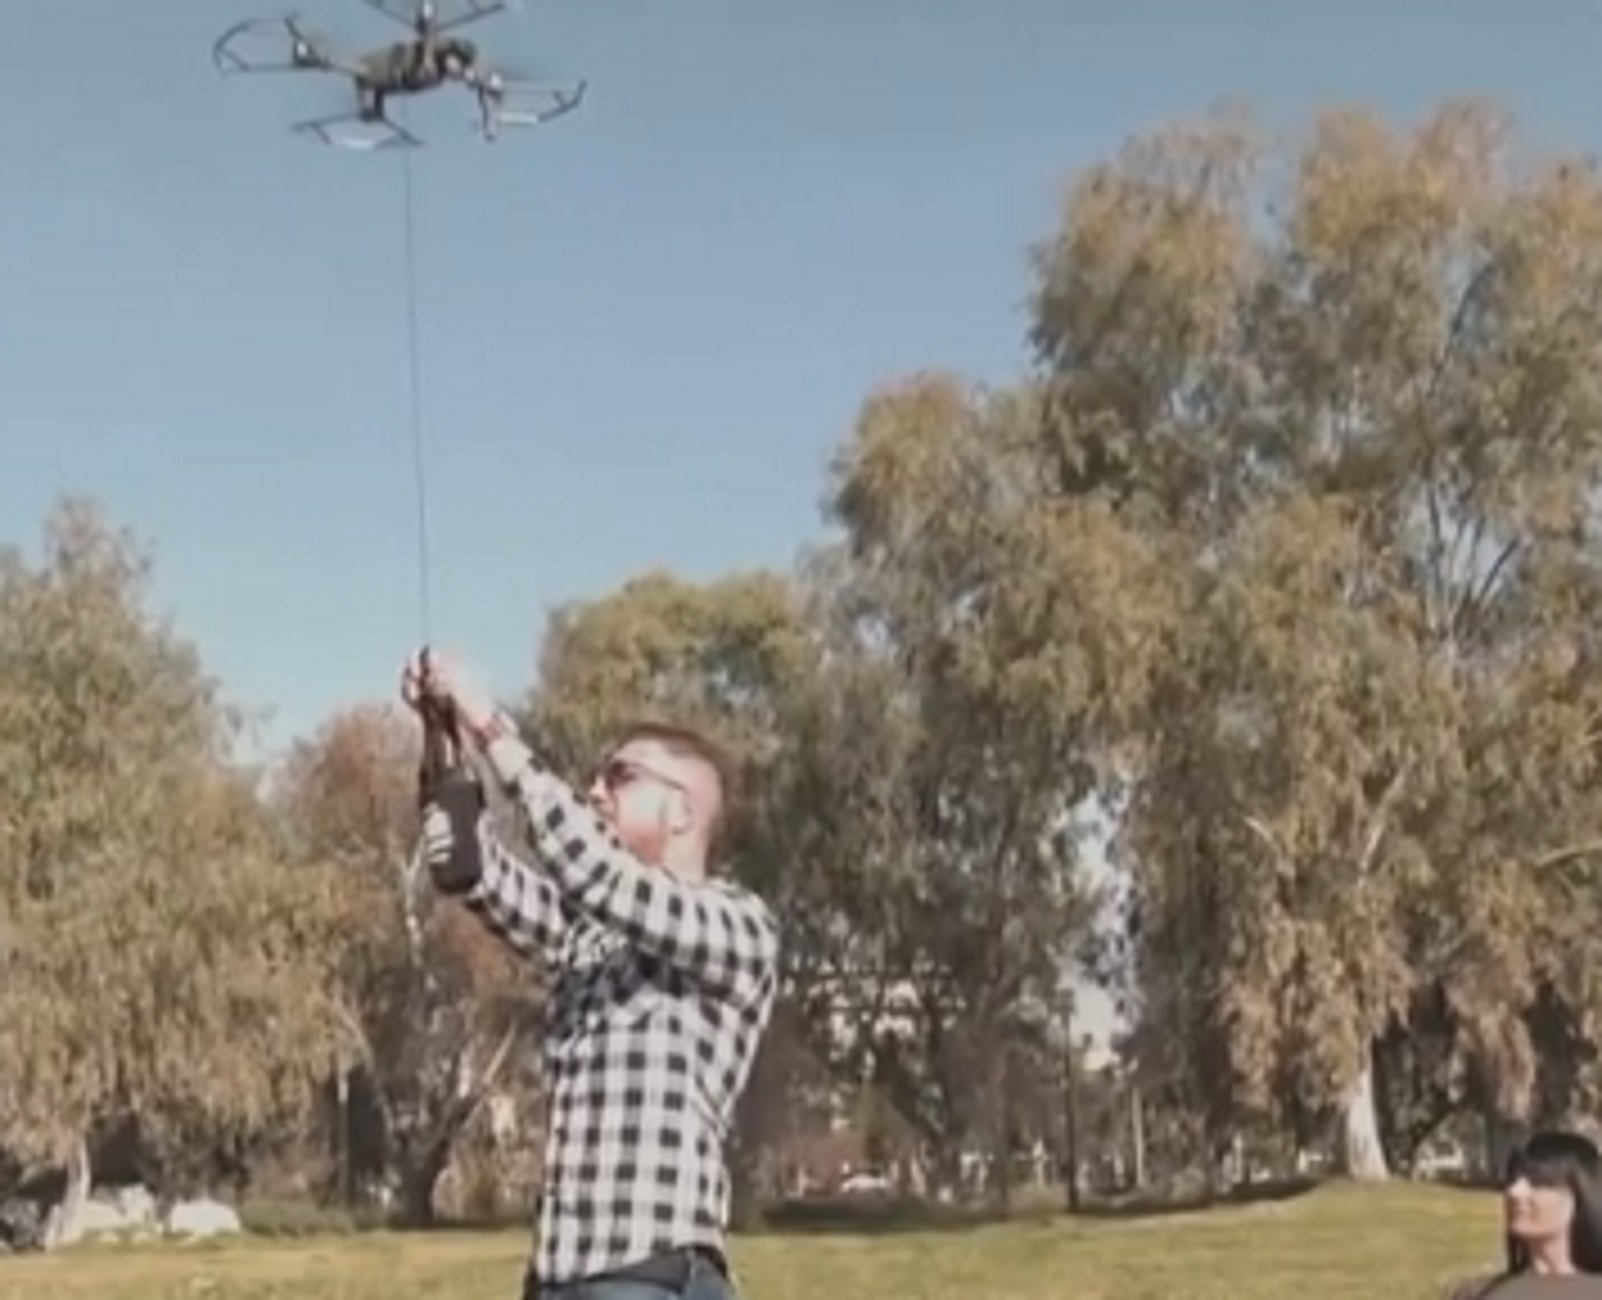 Πάτρα: Ο καφές που έρχεται με drone! Απίθανο… ντελίβερι που κεντρίζει τα βλέμματα (Βίντεο)